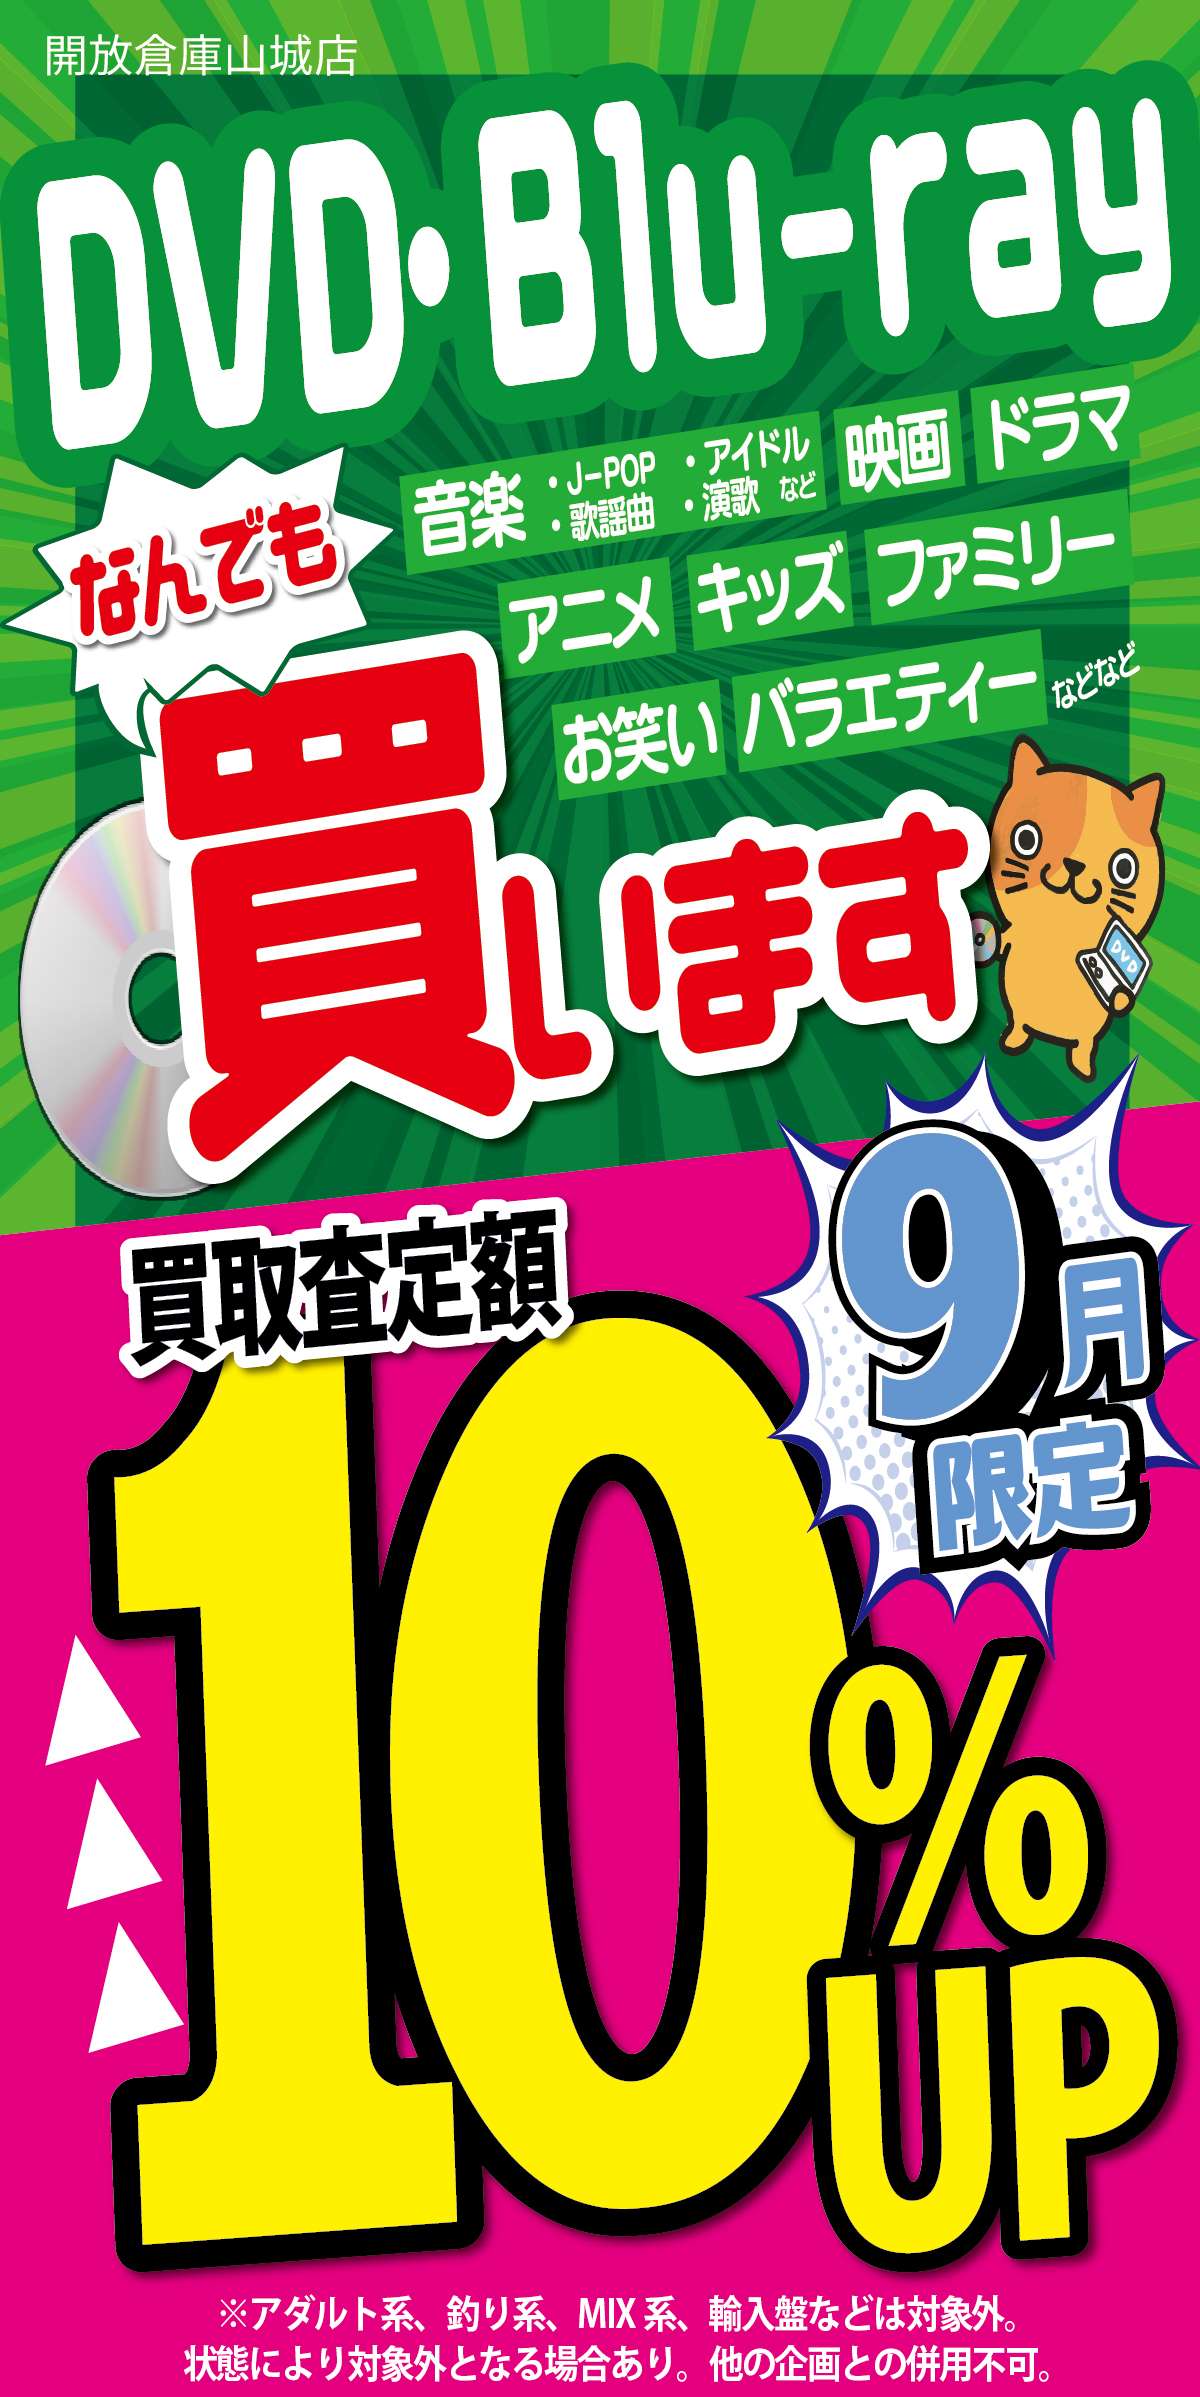 「開放倉庫山城店」DVD・Blu-ray<9月限定!買取査定額10%UP!>なんでも買います!音楽・J-POP・アイドル・歌謡曲・演歌など、映画、ドラマ、アニメ、キッズ、ファミリー、お笑い、バラエティーなどなど